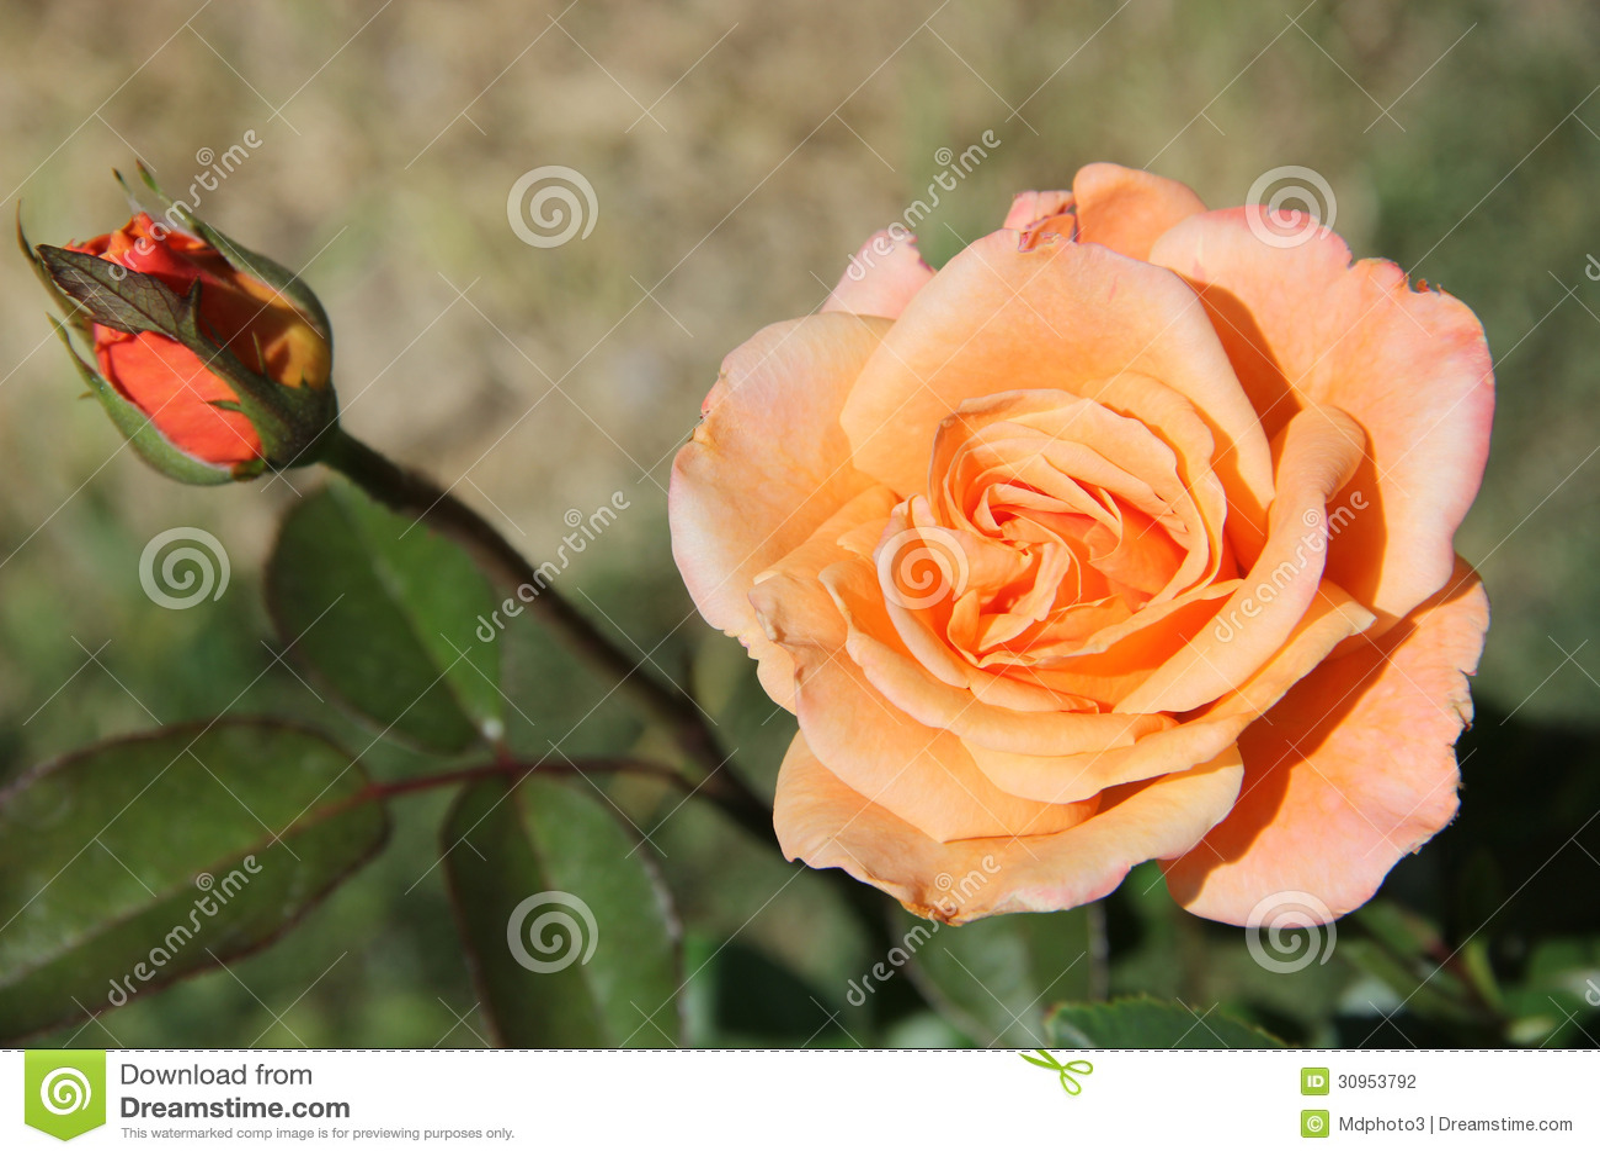 Rose couleur p che avec le bourgeon photographie stock for Quelle couleur avec le rose